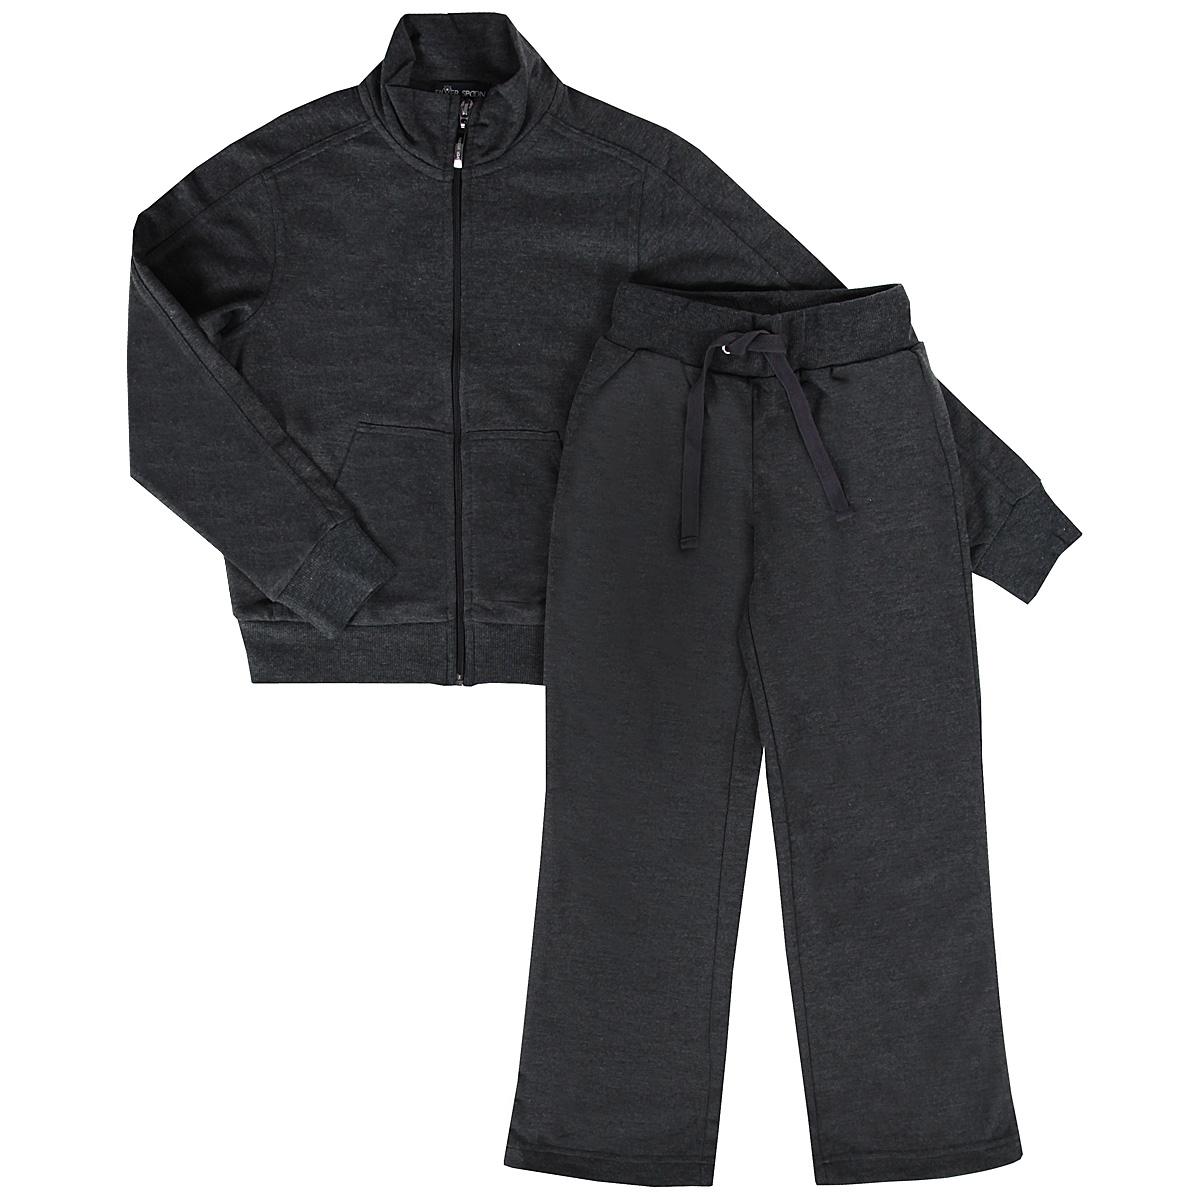 Спортивный костюм для мальчика. SS-B-B-0204SS-B-B-0204_001Модный спортивный костюм для мальчика Silver Spoon, состоящий из толстовки и брюк, идеально подойдет вашему маленькому непоседе и станет отличным дополнением к детскому гардеробу. Изготовленный из хлопка с добавлением полиэстера, он необычайно мягкий и приятный на ощупь, не сковывает движения и позволяет коже дышать, не раздражает даже самую нежную и чувствительную кожу ребенка, обеспечивая ему наибольший комфорт. Толстовка с длинными рукавами-реглан и воротником-стойкой застегивается на пластиковую застежку-молнию, что помогает с легкостью переодеть ребенка. Спереди предусмотрен накладной карман-кенгуру. Понизу модель дополнена широкой трикотажной резинкой, а на рукавах имеются широкие трикотажные манжеты, не стягивающие запястья. Спортивные брюки прямого покроя на поясе имеют широкую эластичную резинку, регулируемую шнурком, благодаря чему они не сдавливают животик ребенка. Сзади предусмотрен накладной карман. В таком костюме ваш ребенок будет чувствовать...